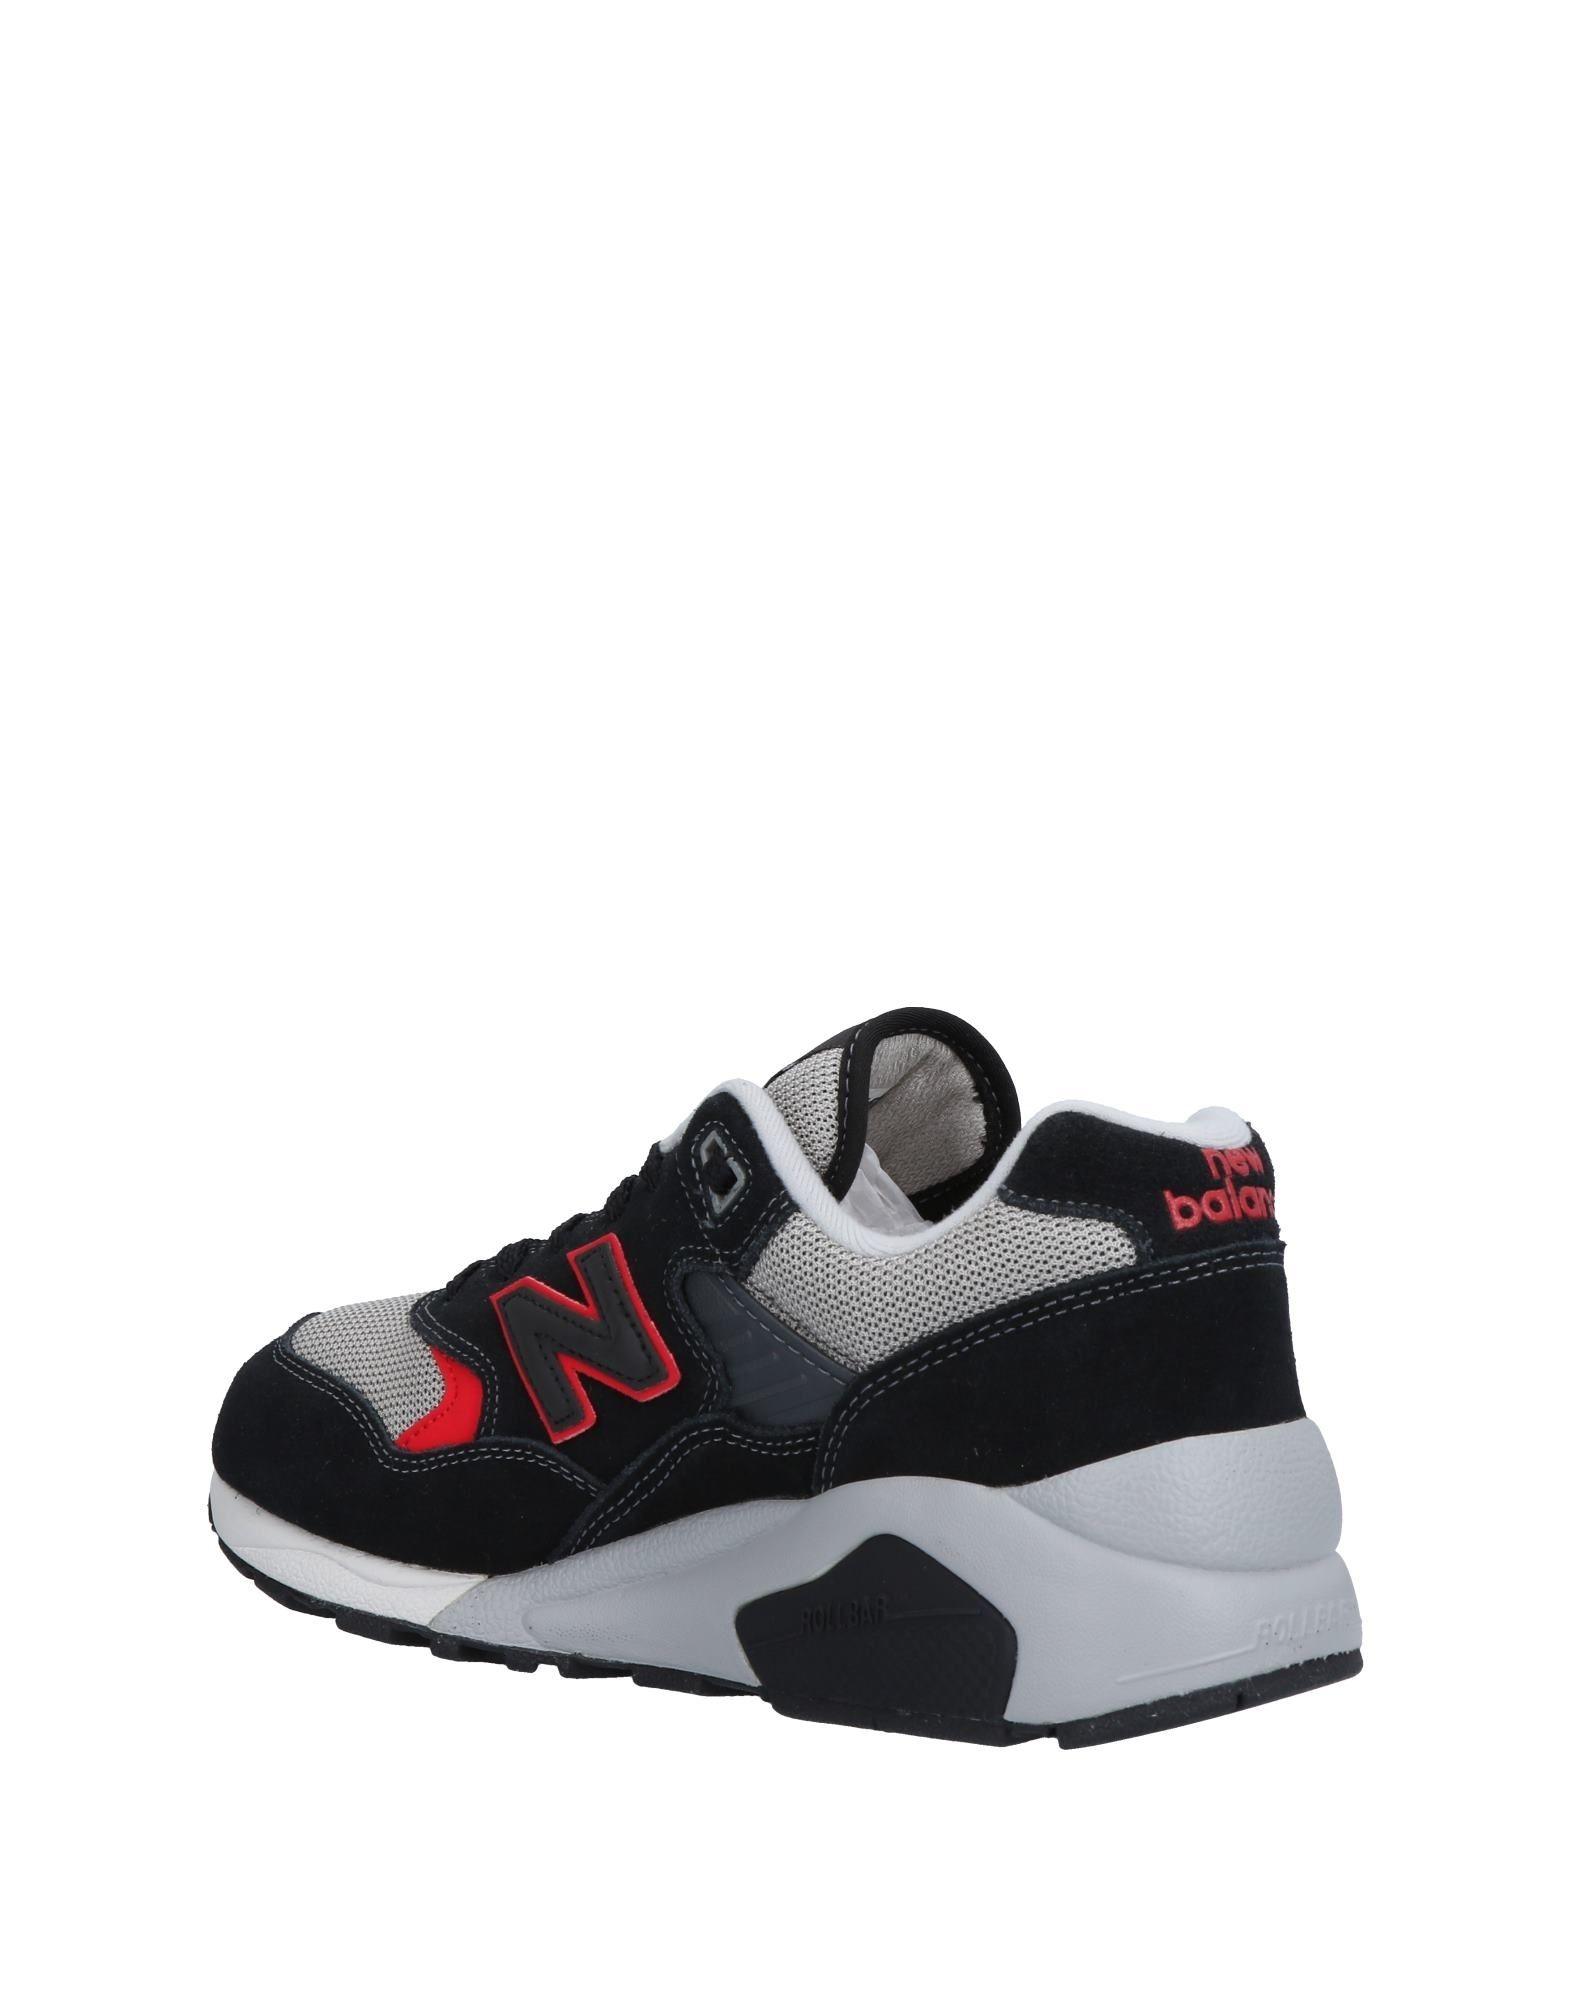 Rabatt echte Schuhe New 11492775WI Balance Sneakers Herren  11492775WI New 5c3581